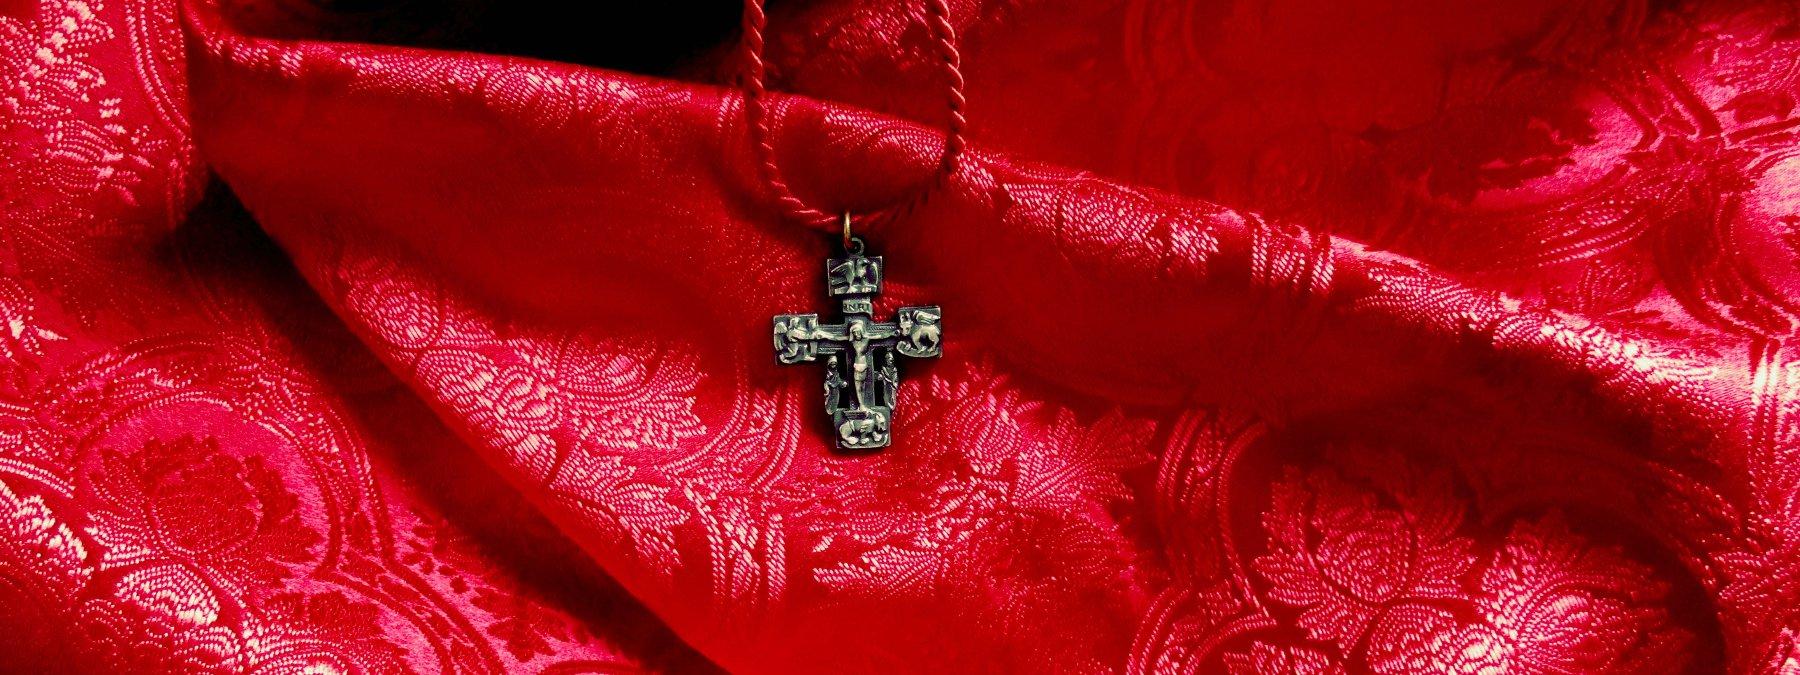 Pfingsten, das Fest des Heiligen Geistes